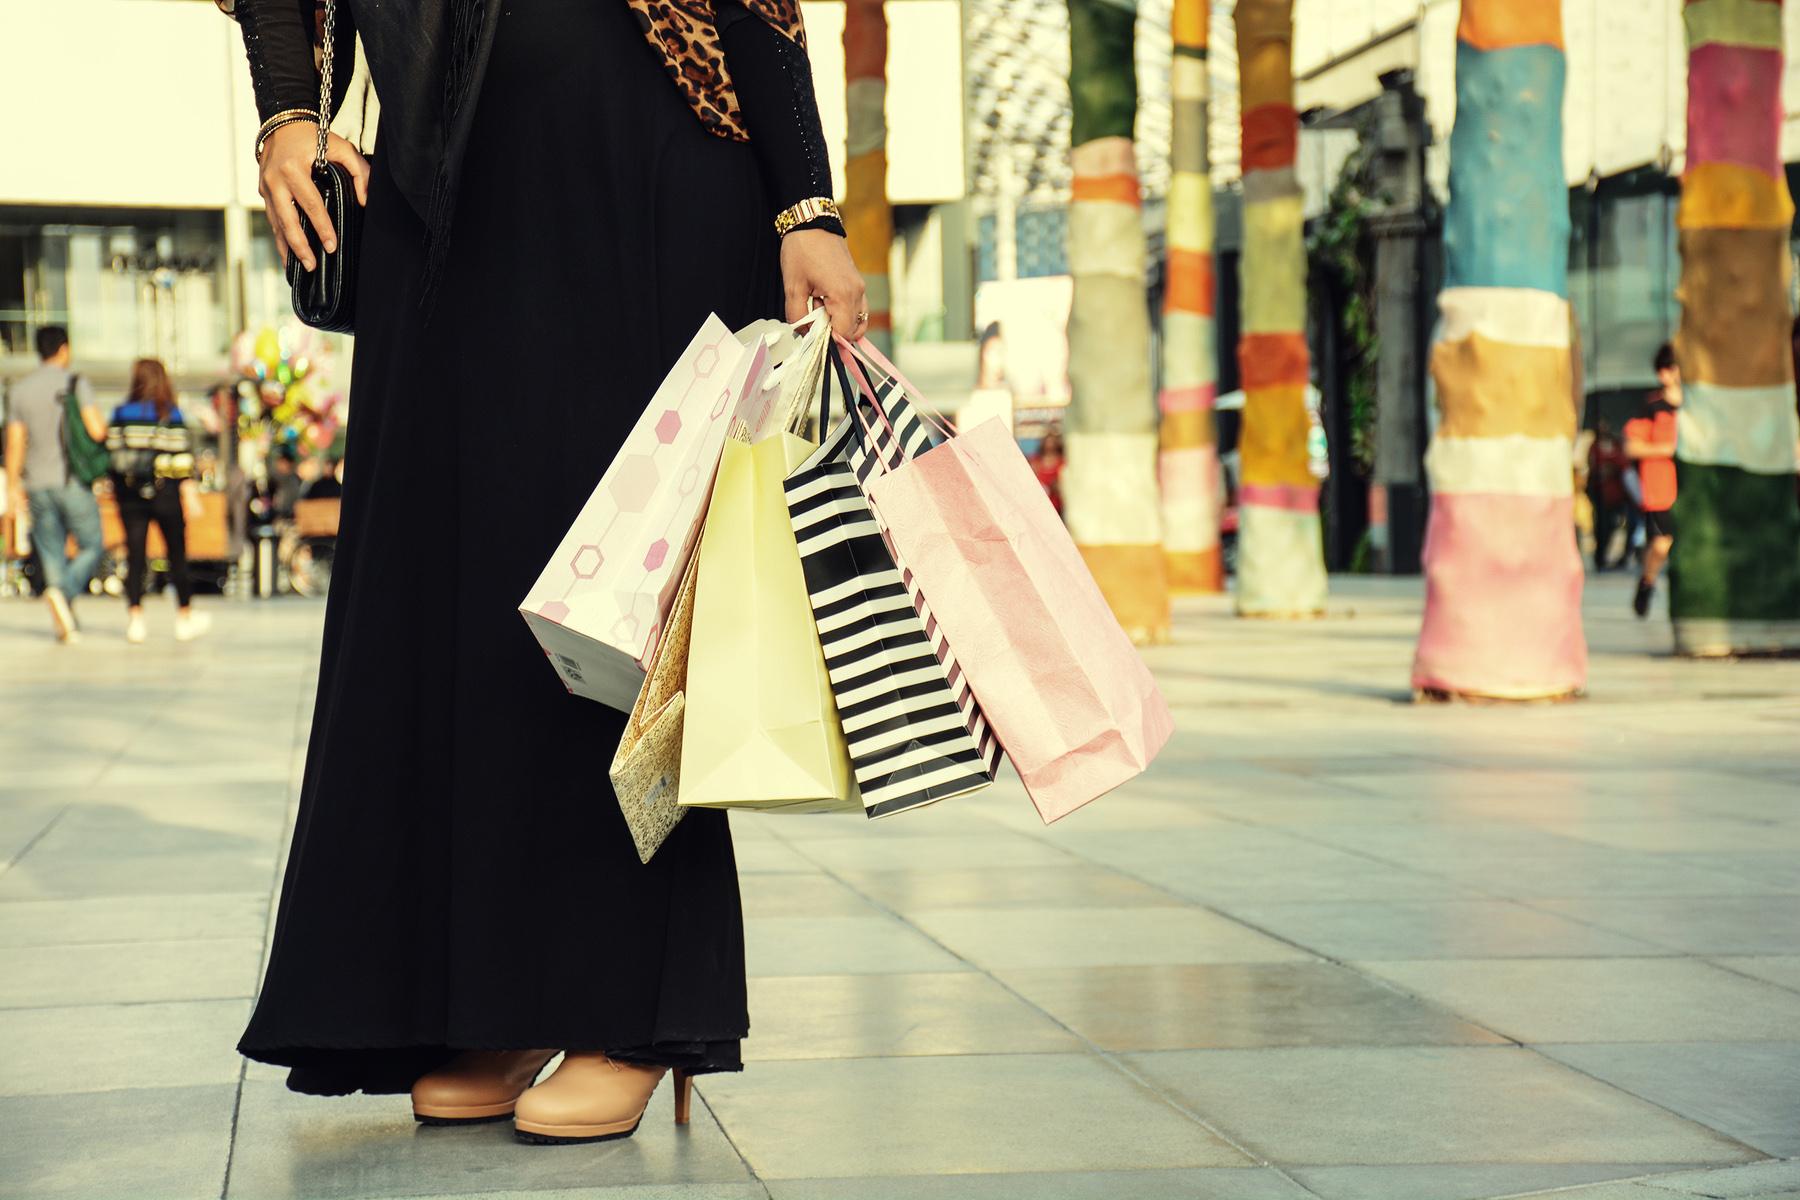 A woman shopping in Qatar